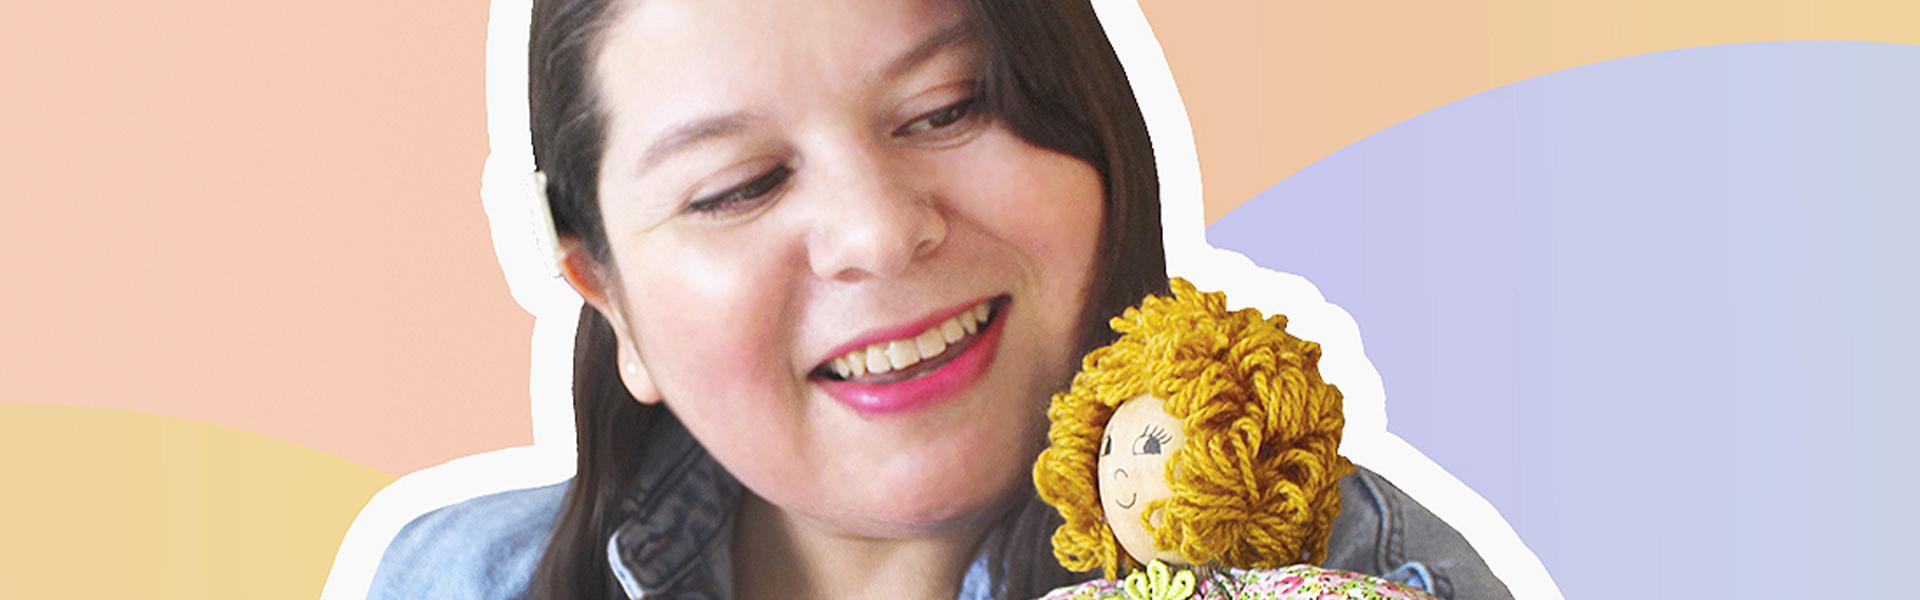 imagen de mujer junto a muñeca